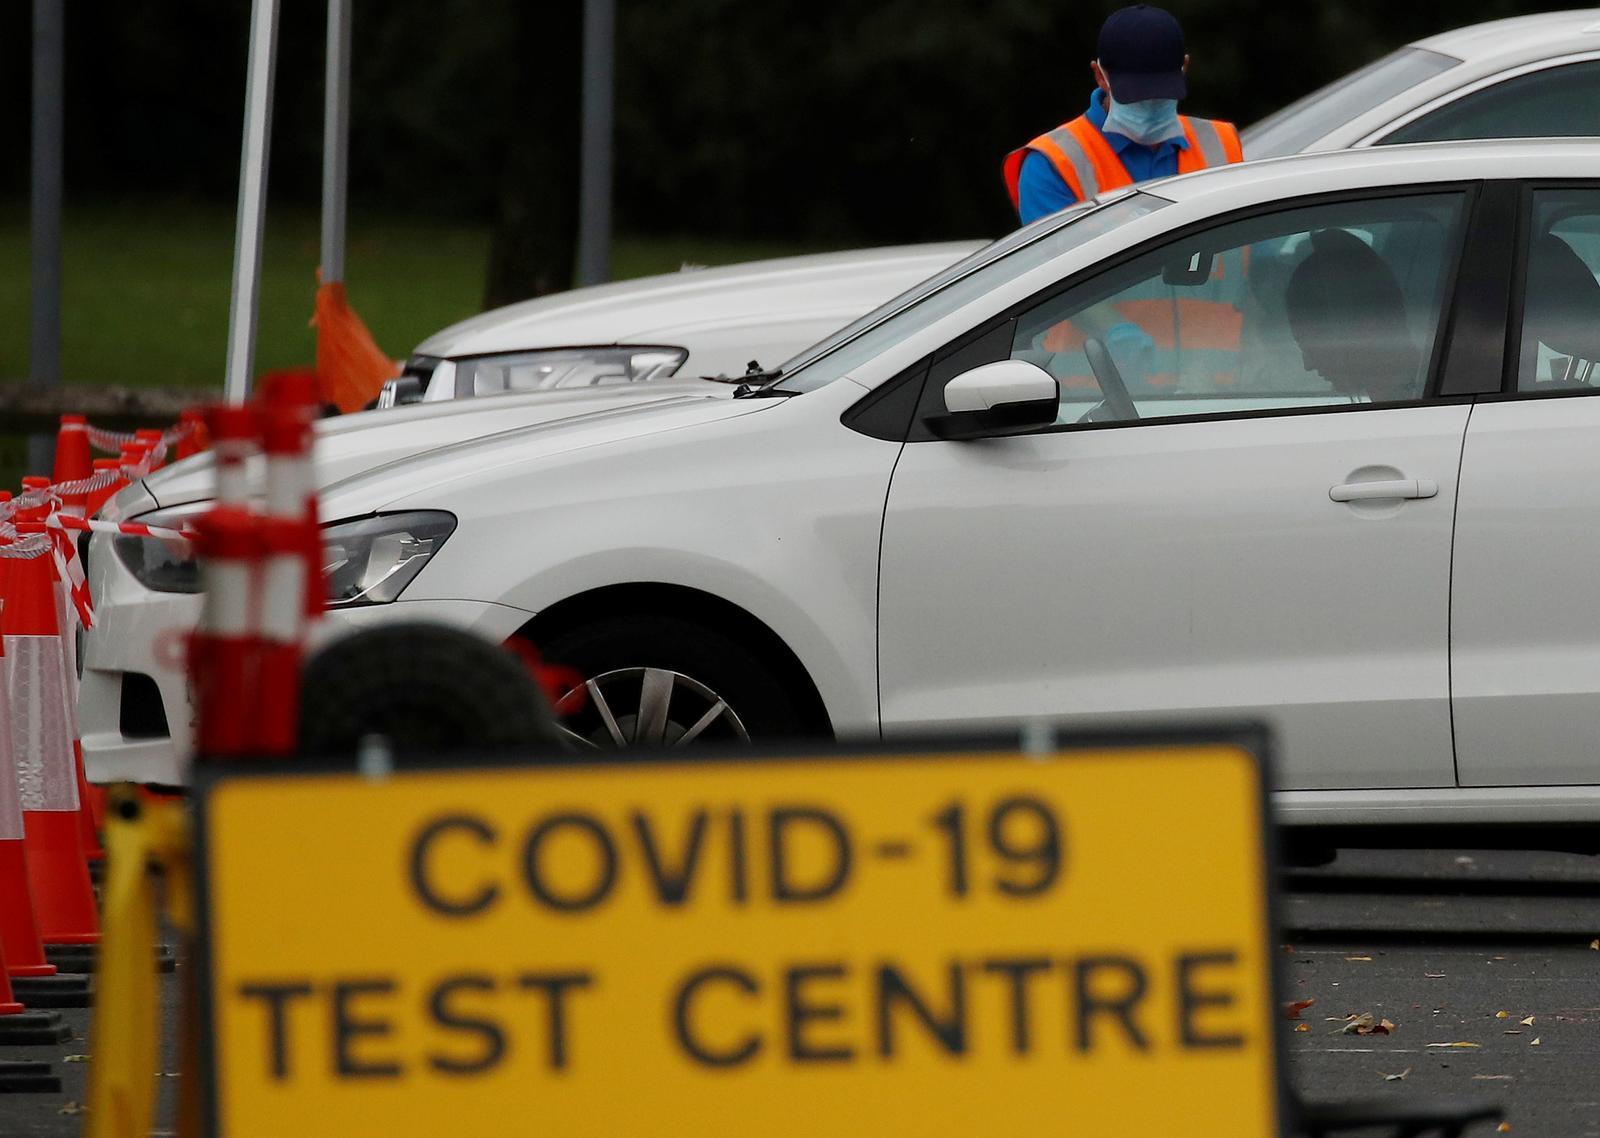 WHO says no need for major alarm over new coronavirus strain